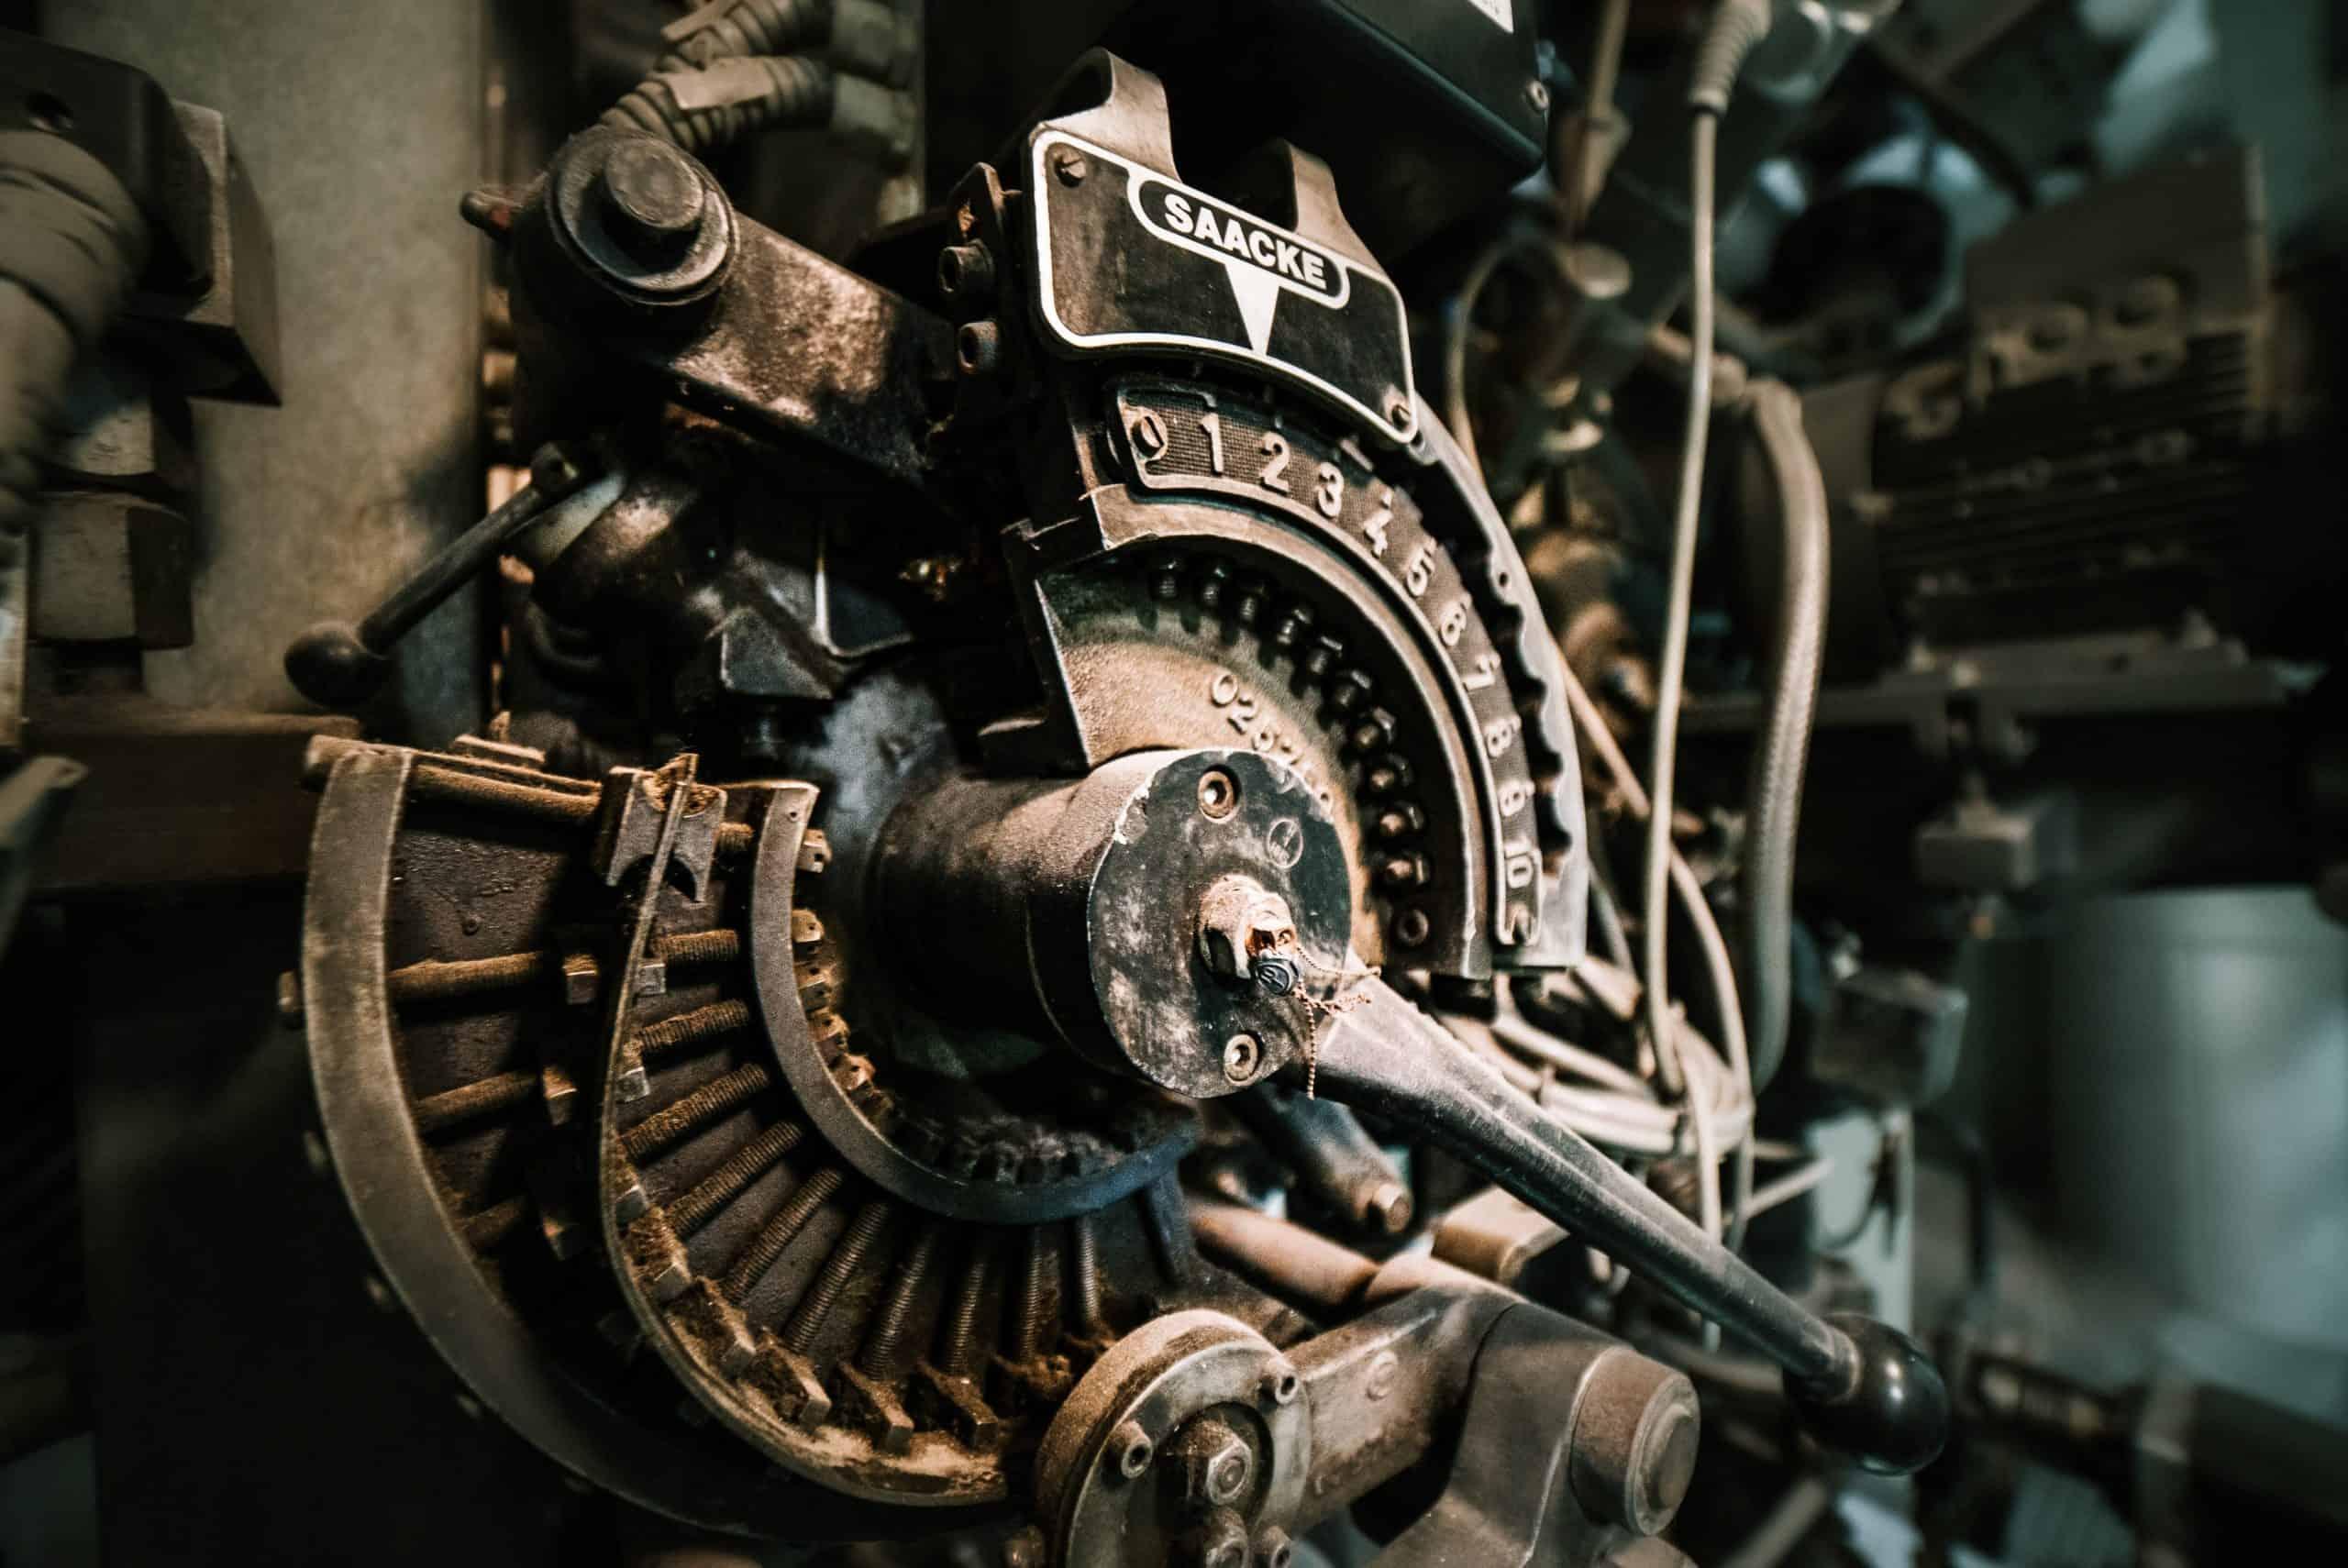 Best Mechanics course tutorial class certification training online